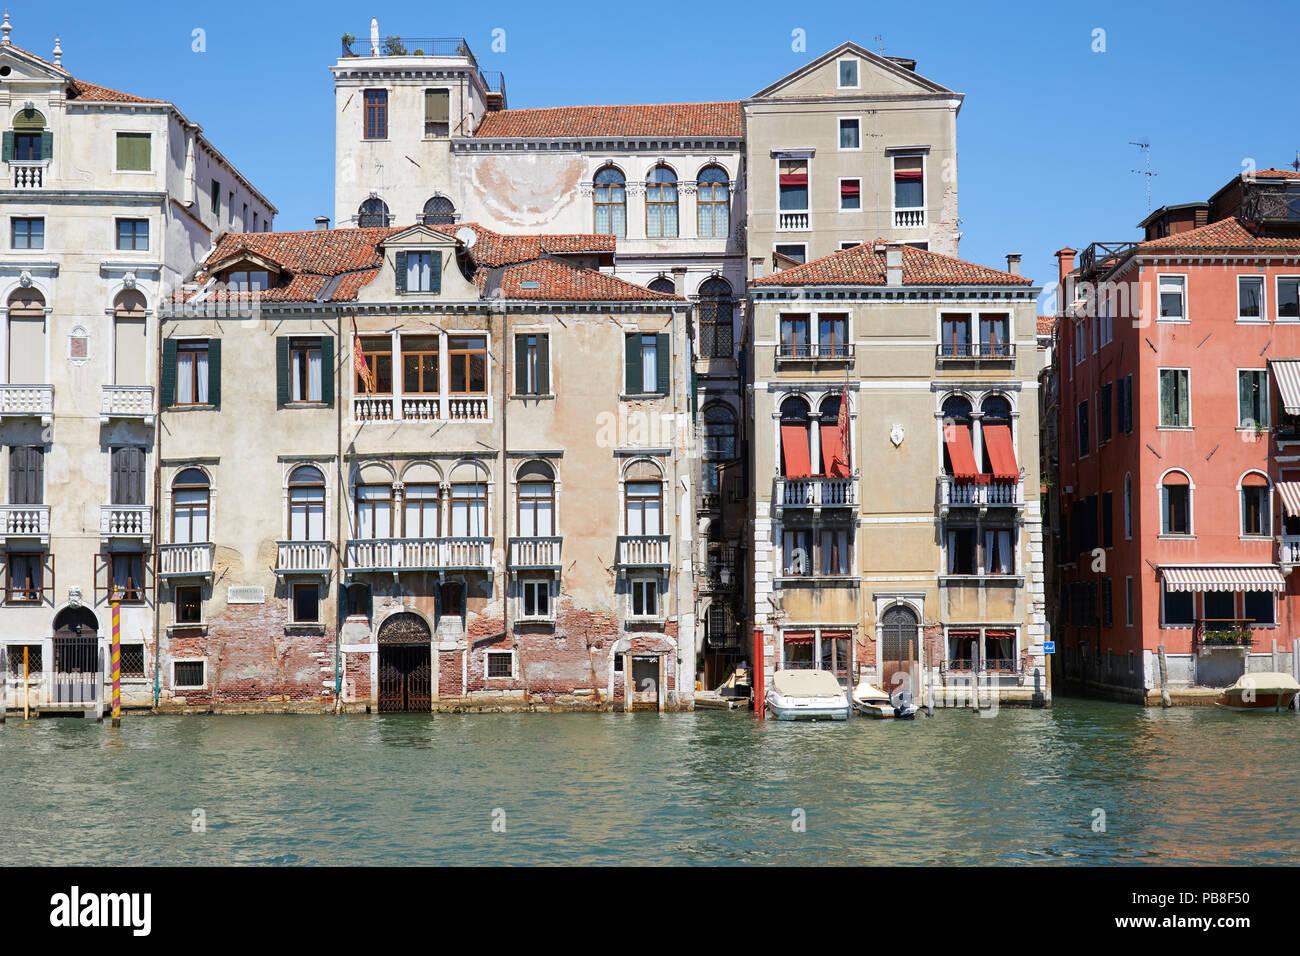 Façades de bâtiments de Venise et le canal d'une journée ensoleillée en Italie, personne ne Photo Stock